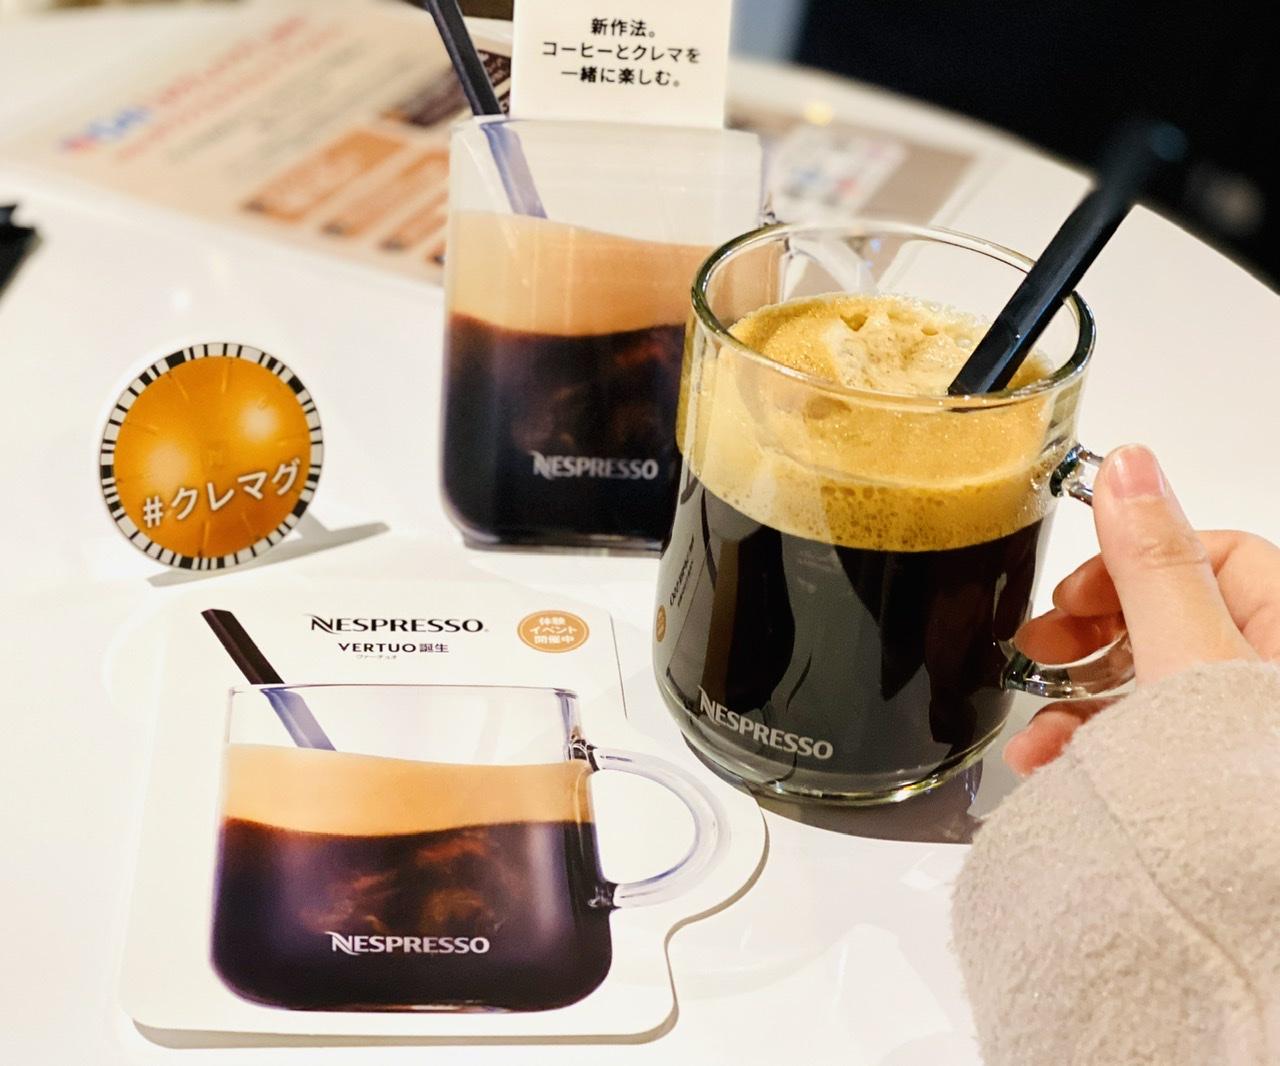 【ネスプレッソ】豪華すぎる!マグカップ&名入りコースター貰える★新コーヒーマシン体験イベントへ♡_5